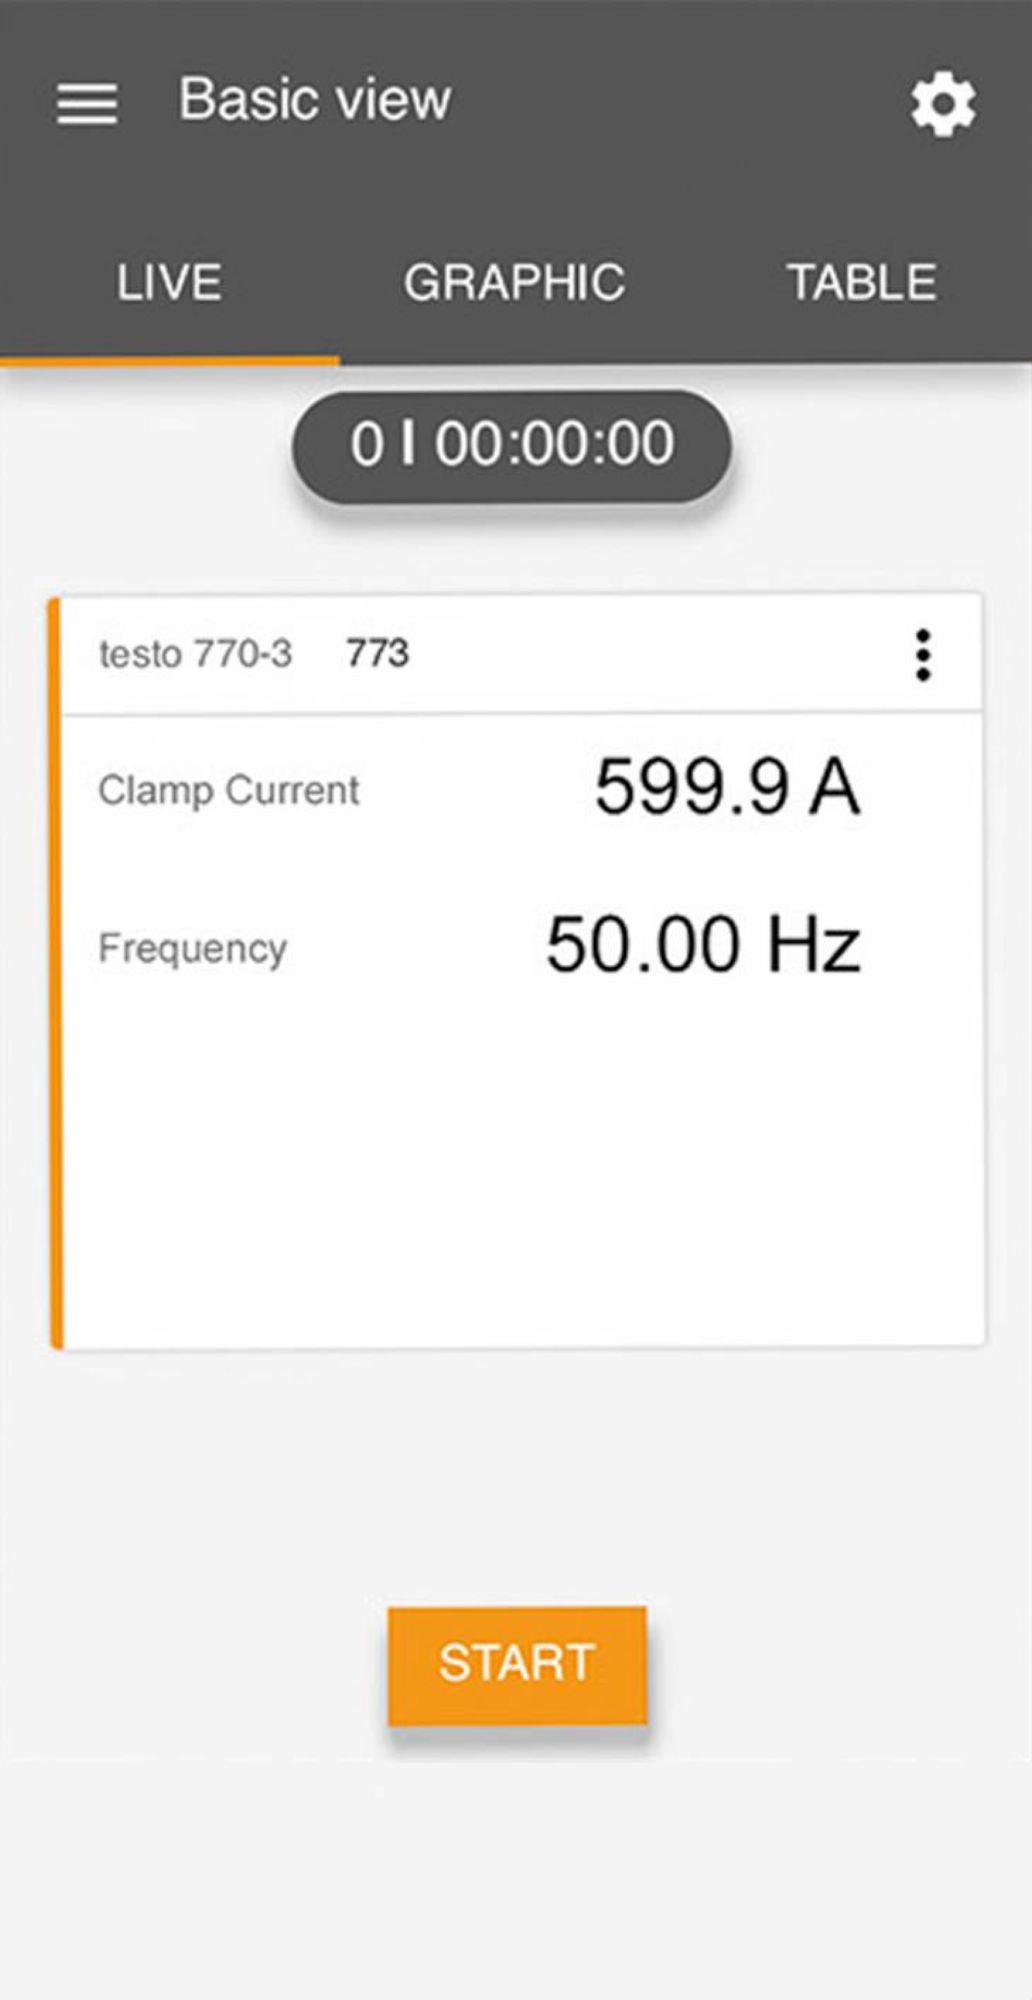 Tela de medição de corrente elétrica do aplicativo Testo Smart